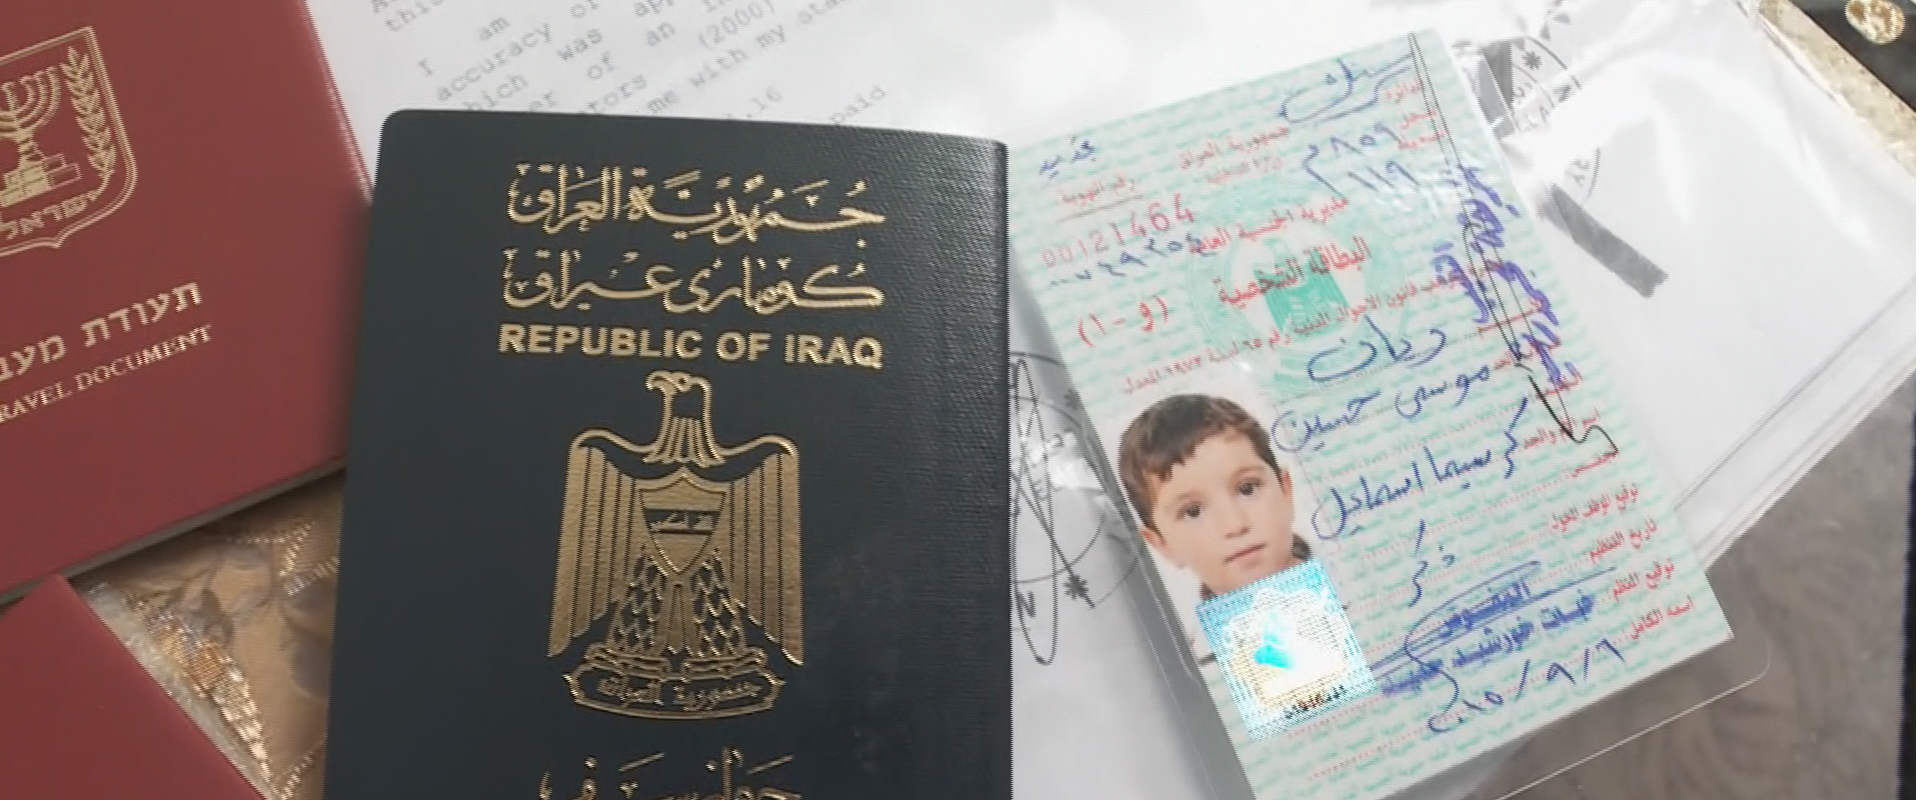 הדרכון העיראקי של אריאן לצד תעודות המעבר הישראליות